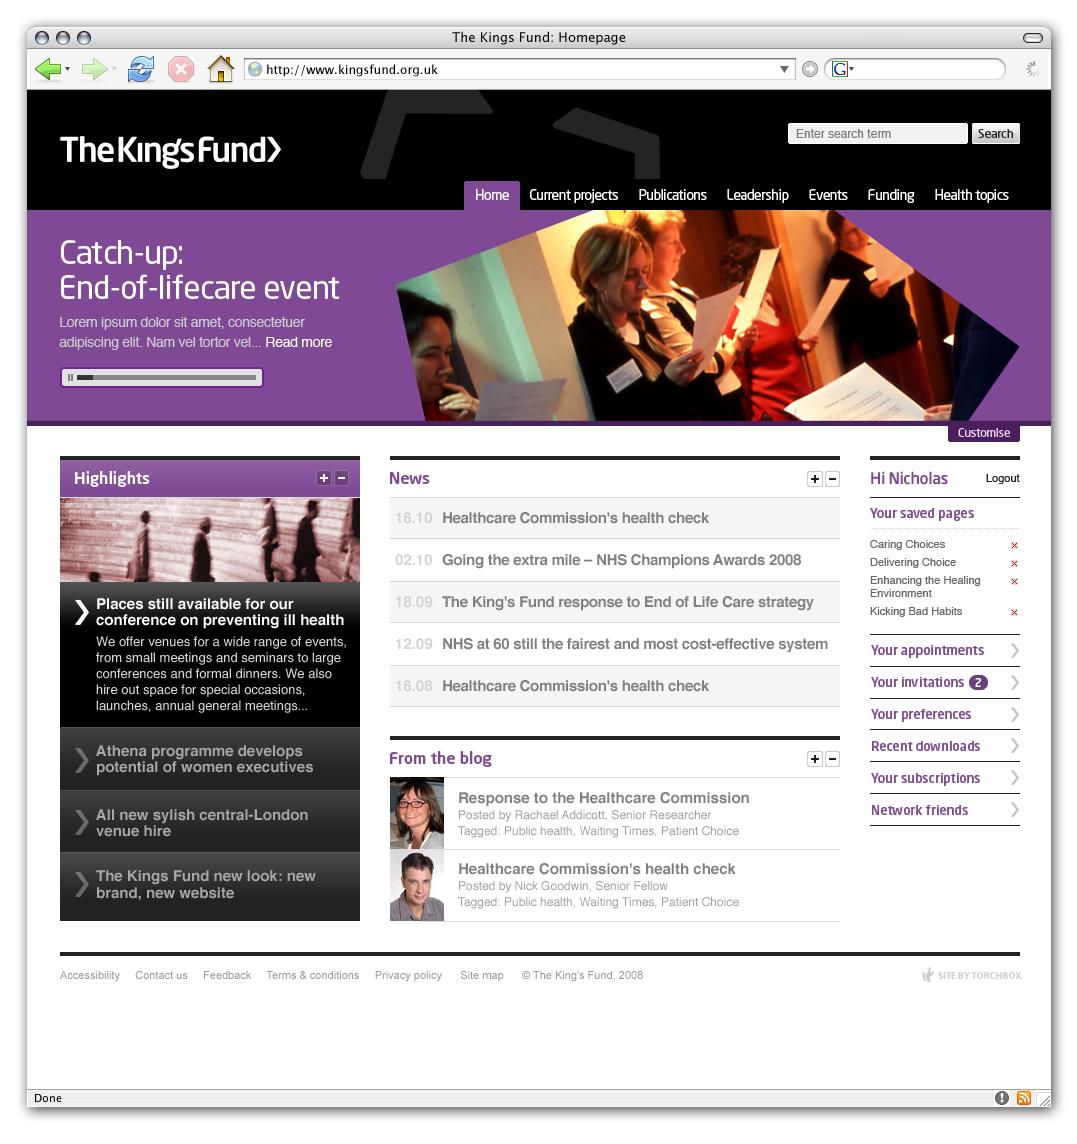 Kingsfund homepage